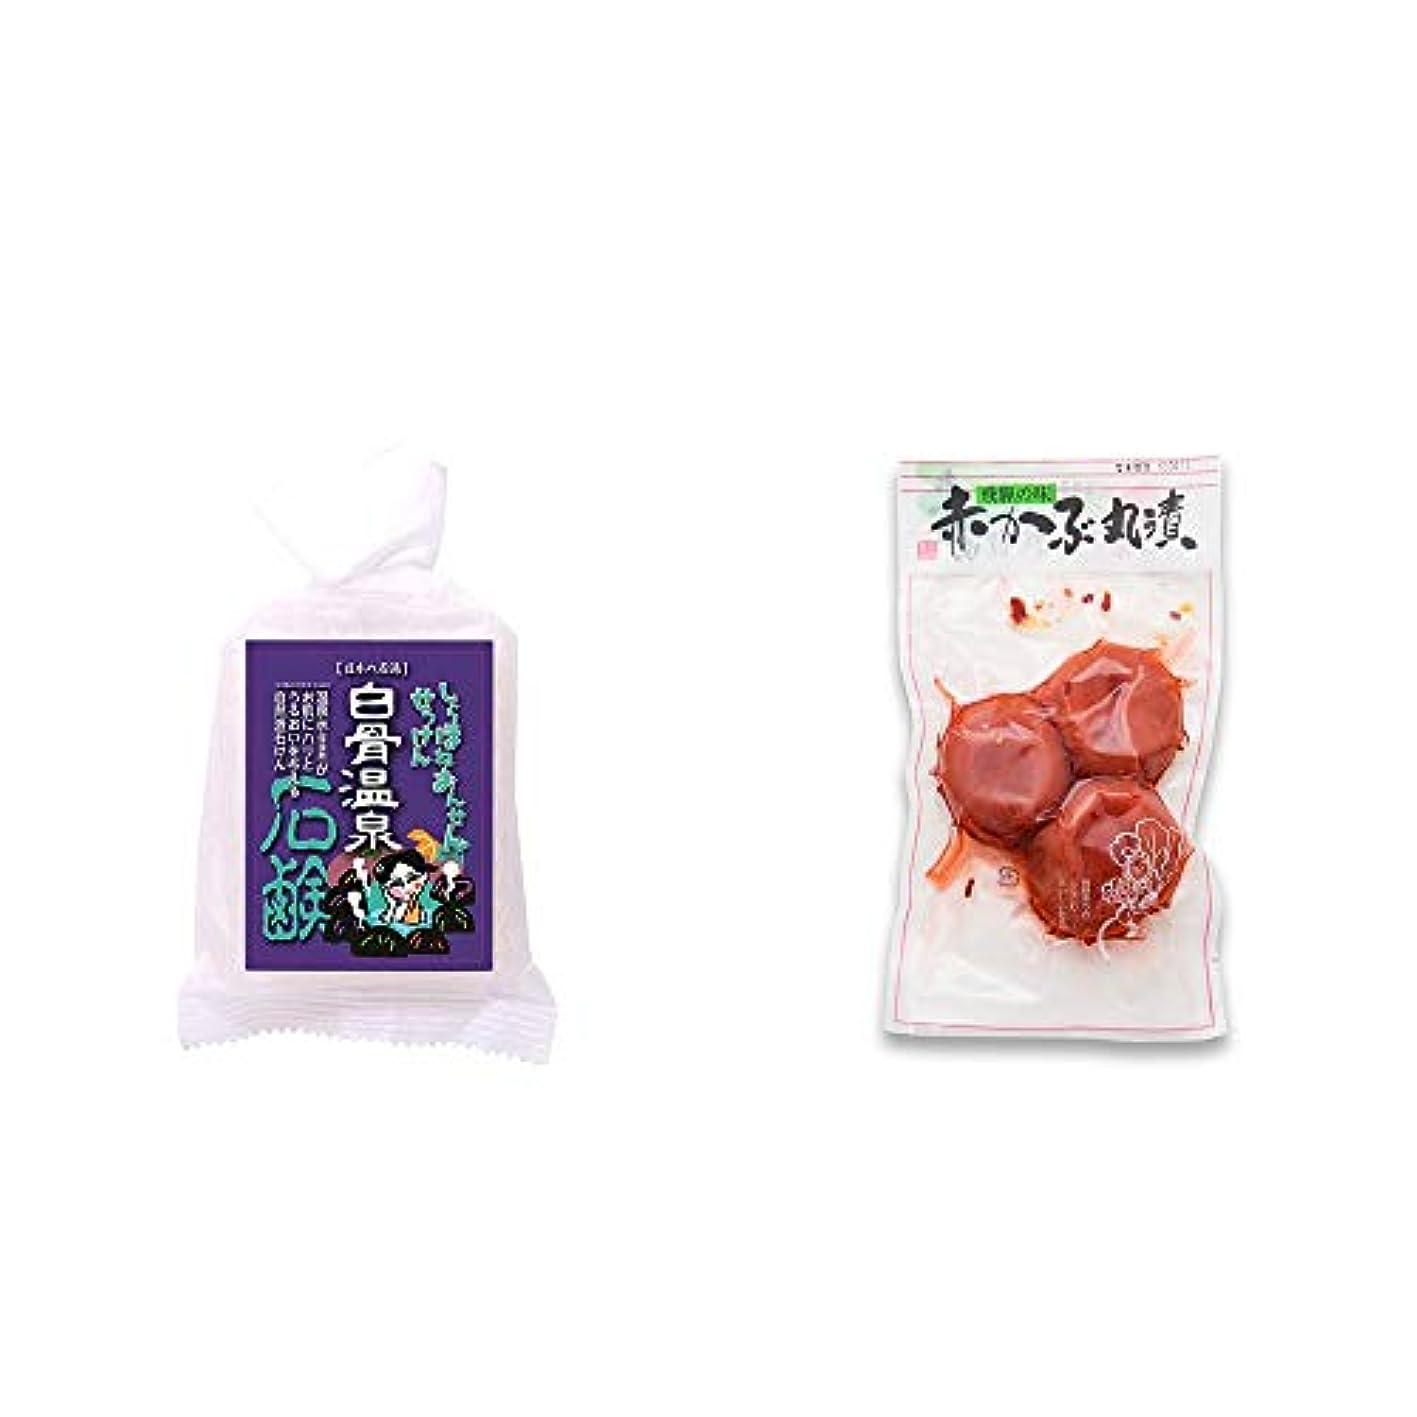 温帯時懇願する[2点セット] 信州 白骨温泉石鹸(80g)?赤かぶ丸漬け(150g)